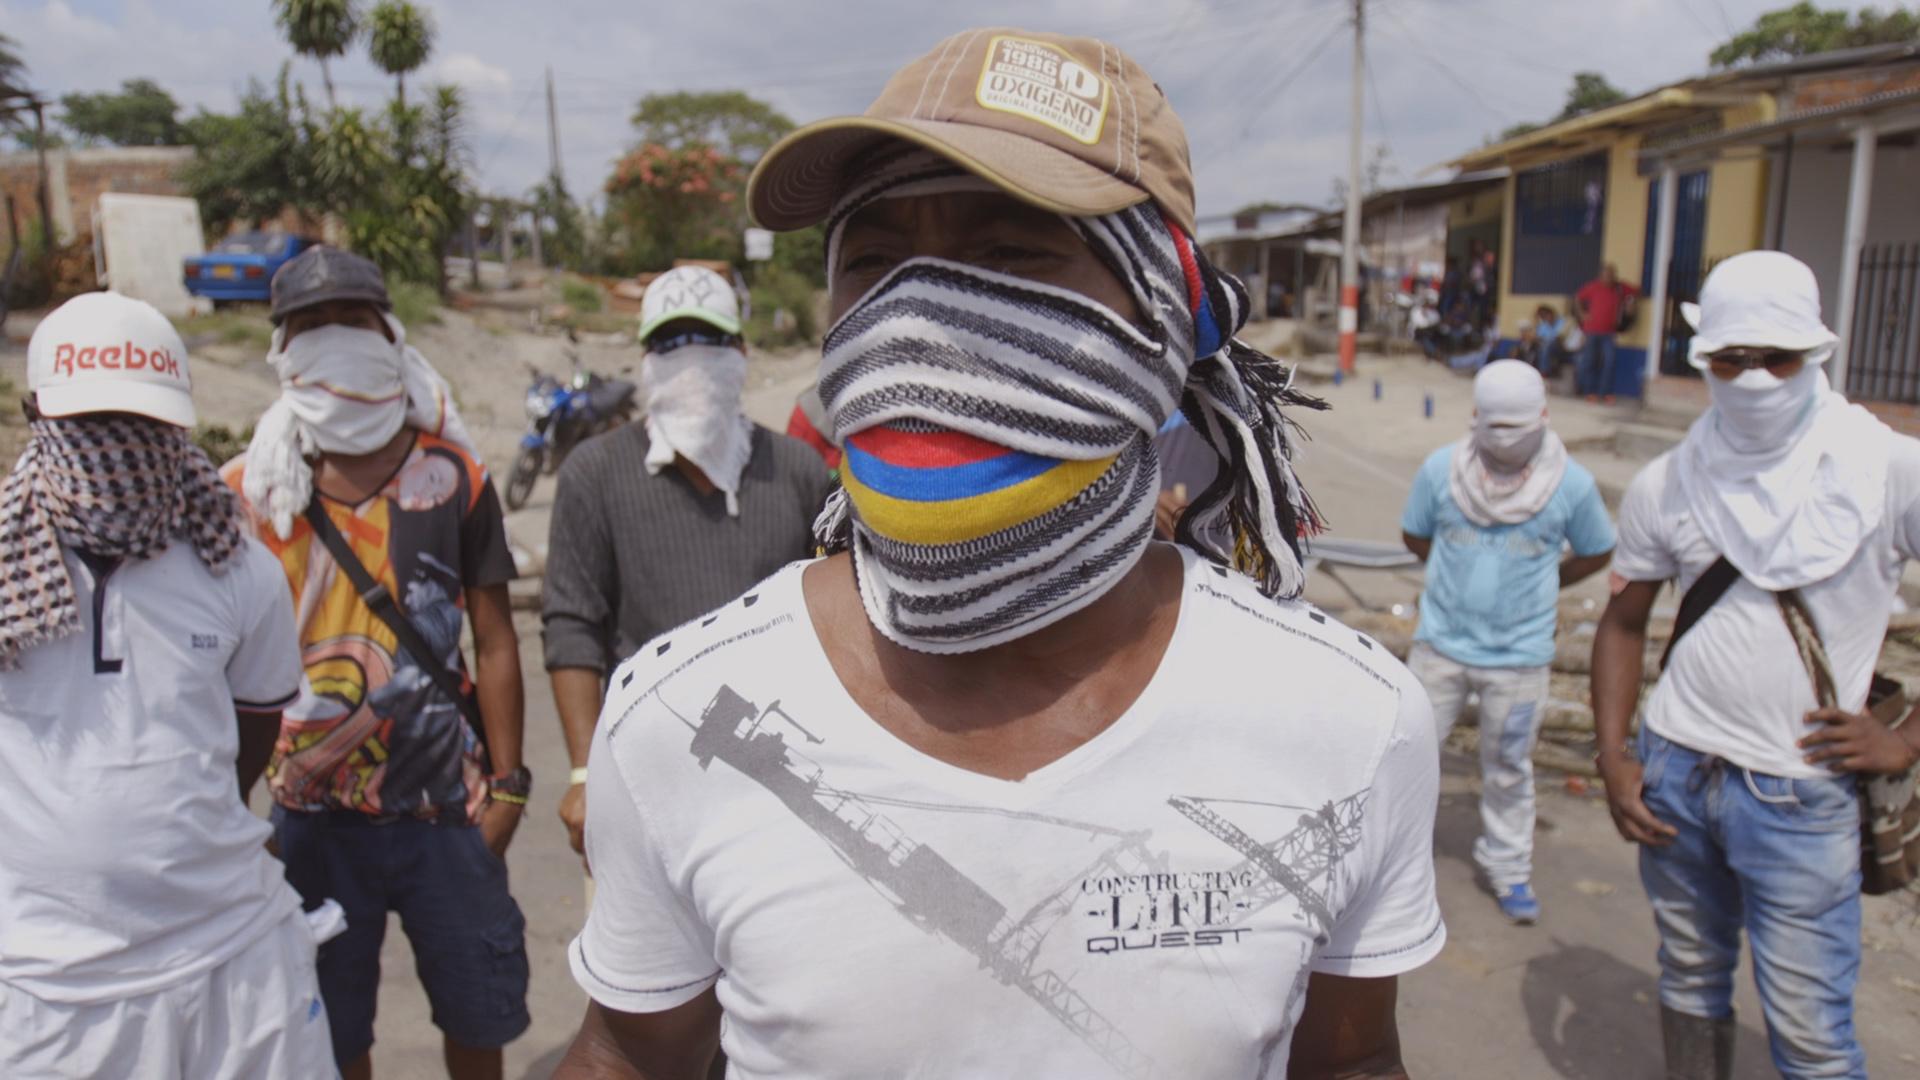 Suomalaisdokumentti Kolumbian rauhanprosessista on saanut runsaasti kiitoksia kansainvälisillä festivaaleilla. Kuva: Filmimaa